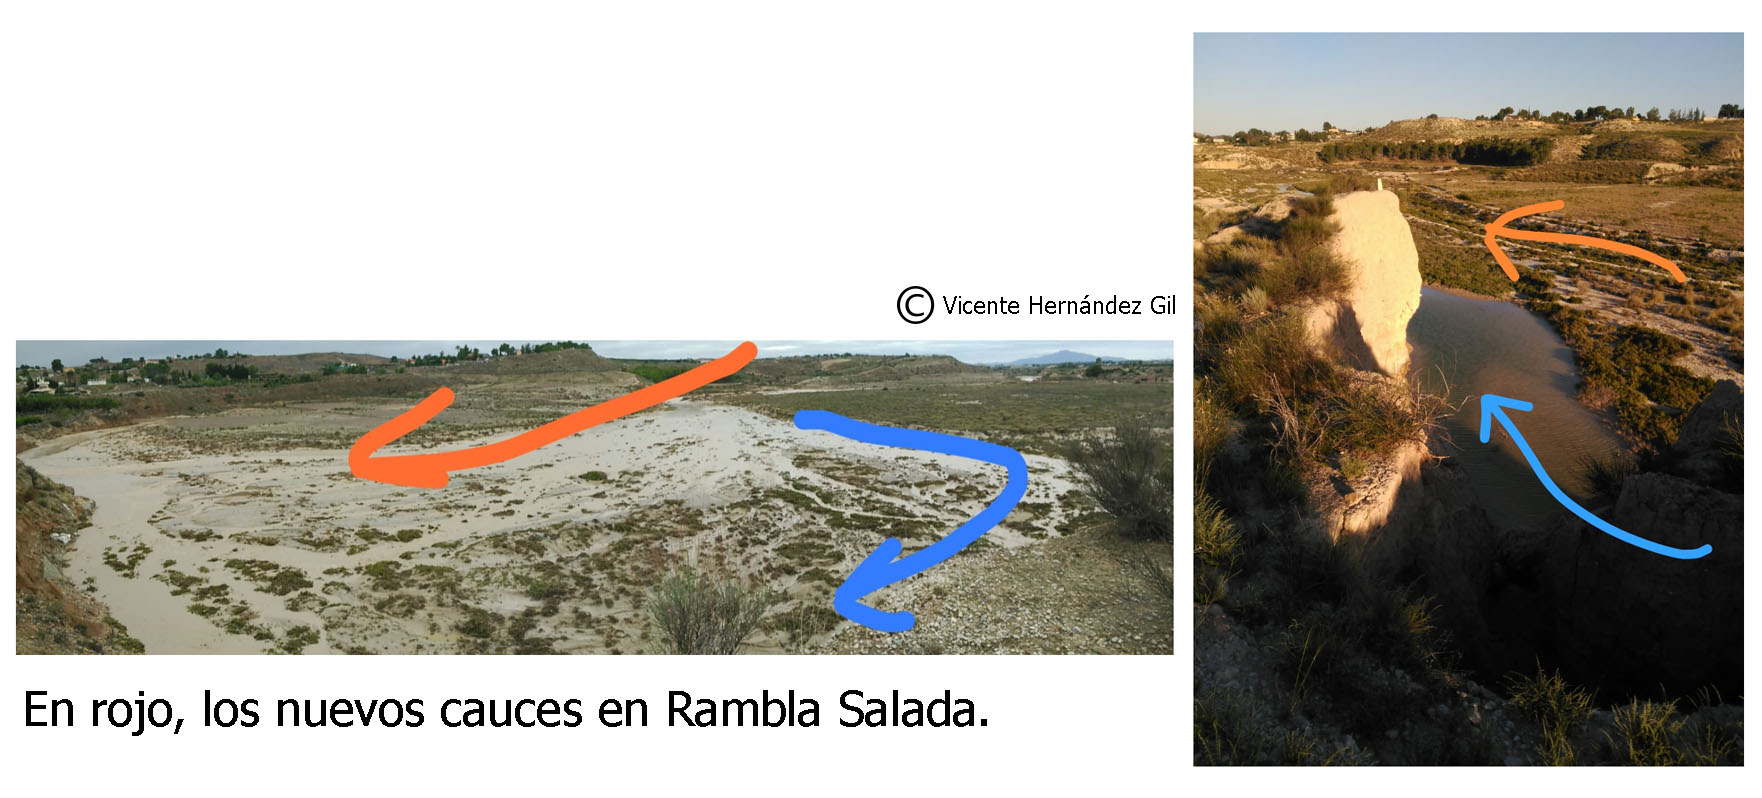 A la izquierda, la imagen de la curva socavada por el nuevo cauce (en rojo). A la derecha se aprecia el talud -en las proximidades del aula de naturaleza-. La charca es lo que queda del viejo cauce, cuya corriente lamía la base, con riesgo de perderse por la erosión. Imágenes elaboradas por Vicente Hernández Gil